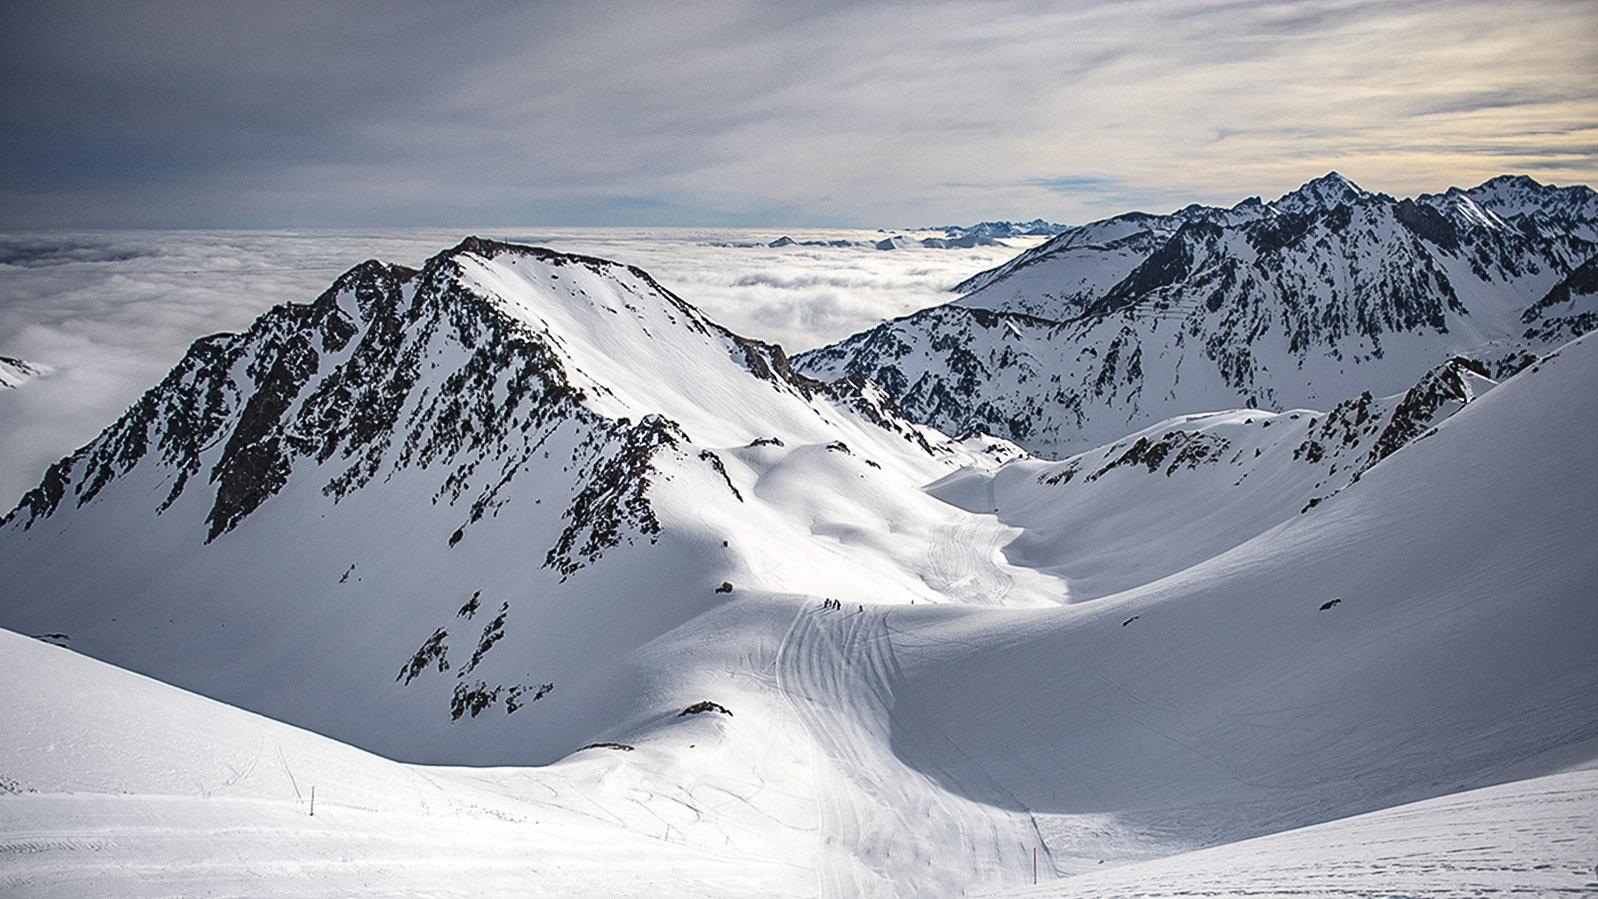 Tiefschnee oder Piste: der Skigroßraum Tourmalet bei Barèges. Foto: Hilke Maunder